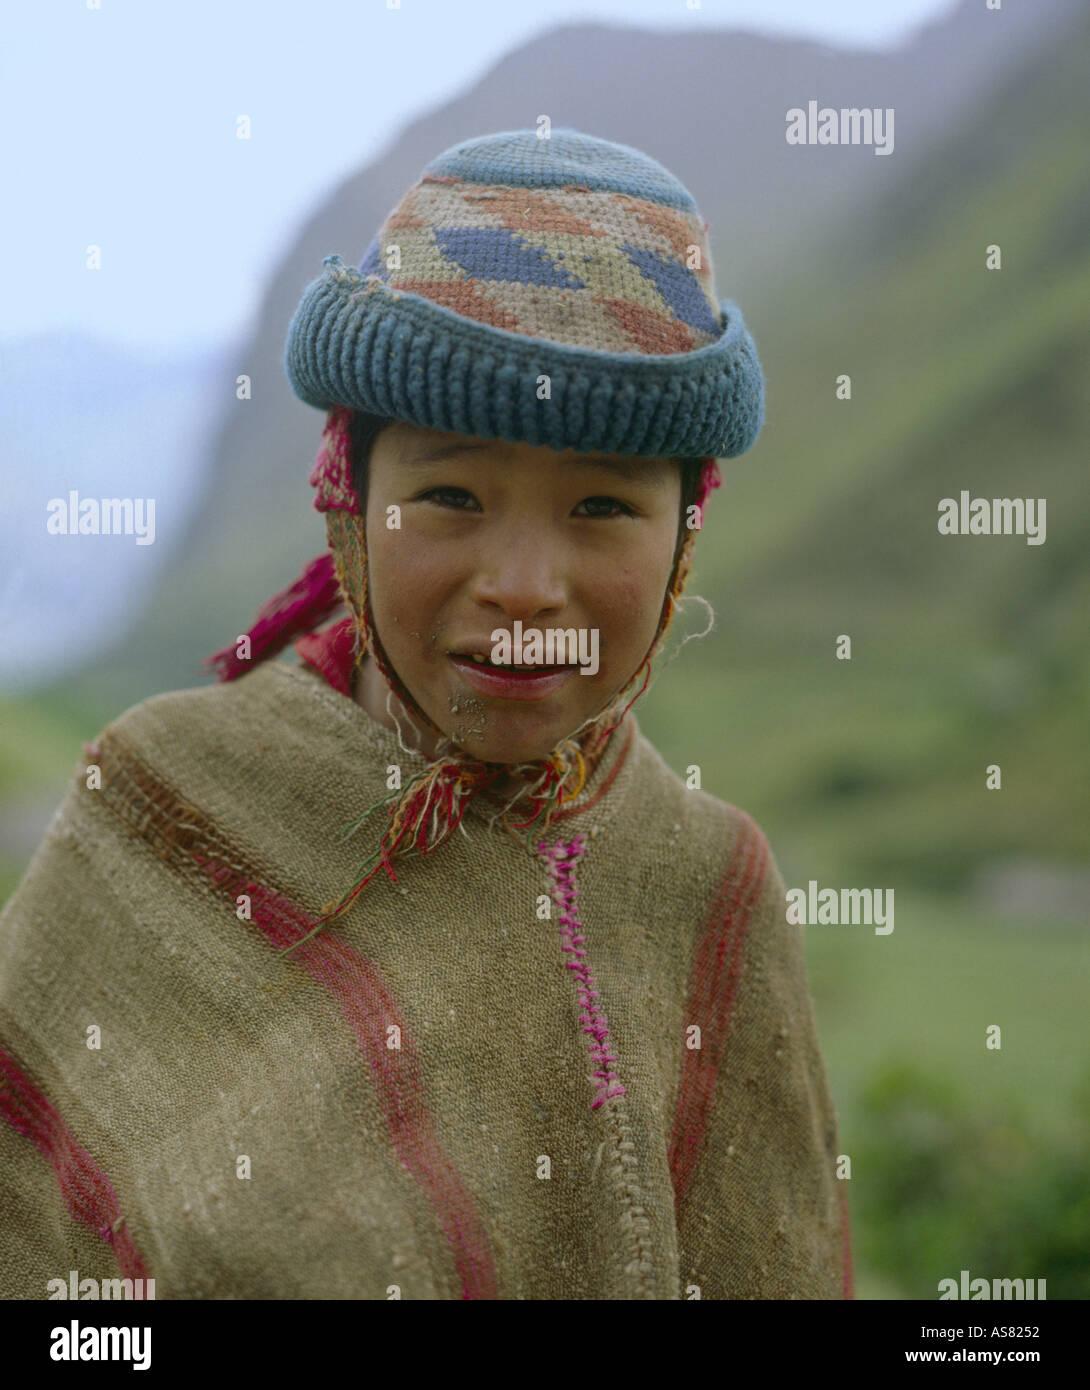 Niño Indio vestido de homespun poncho y sombrero de lana tejida con  orejeras de una carretera 100b9193989